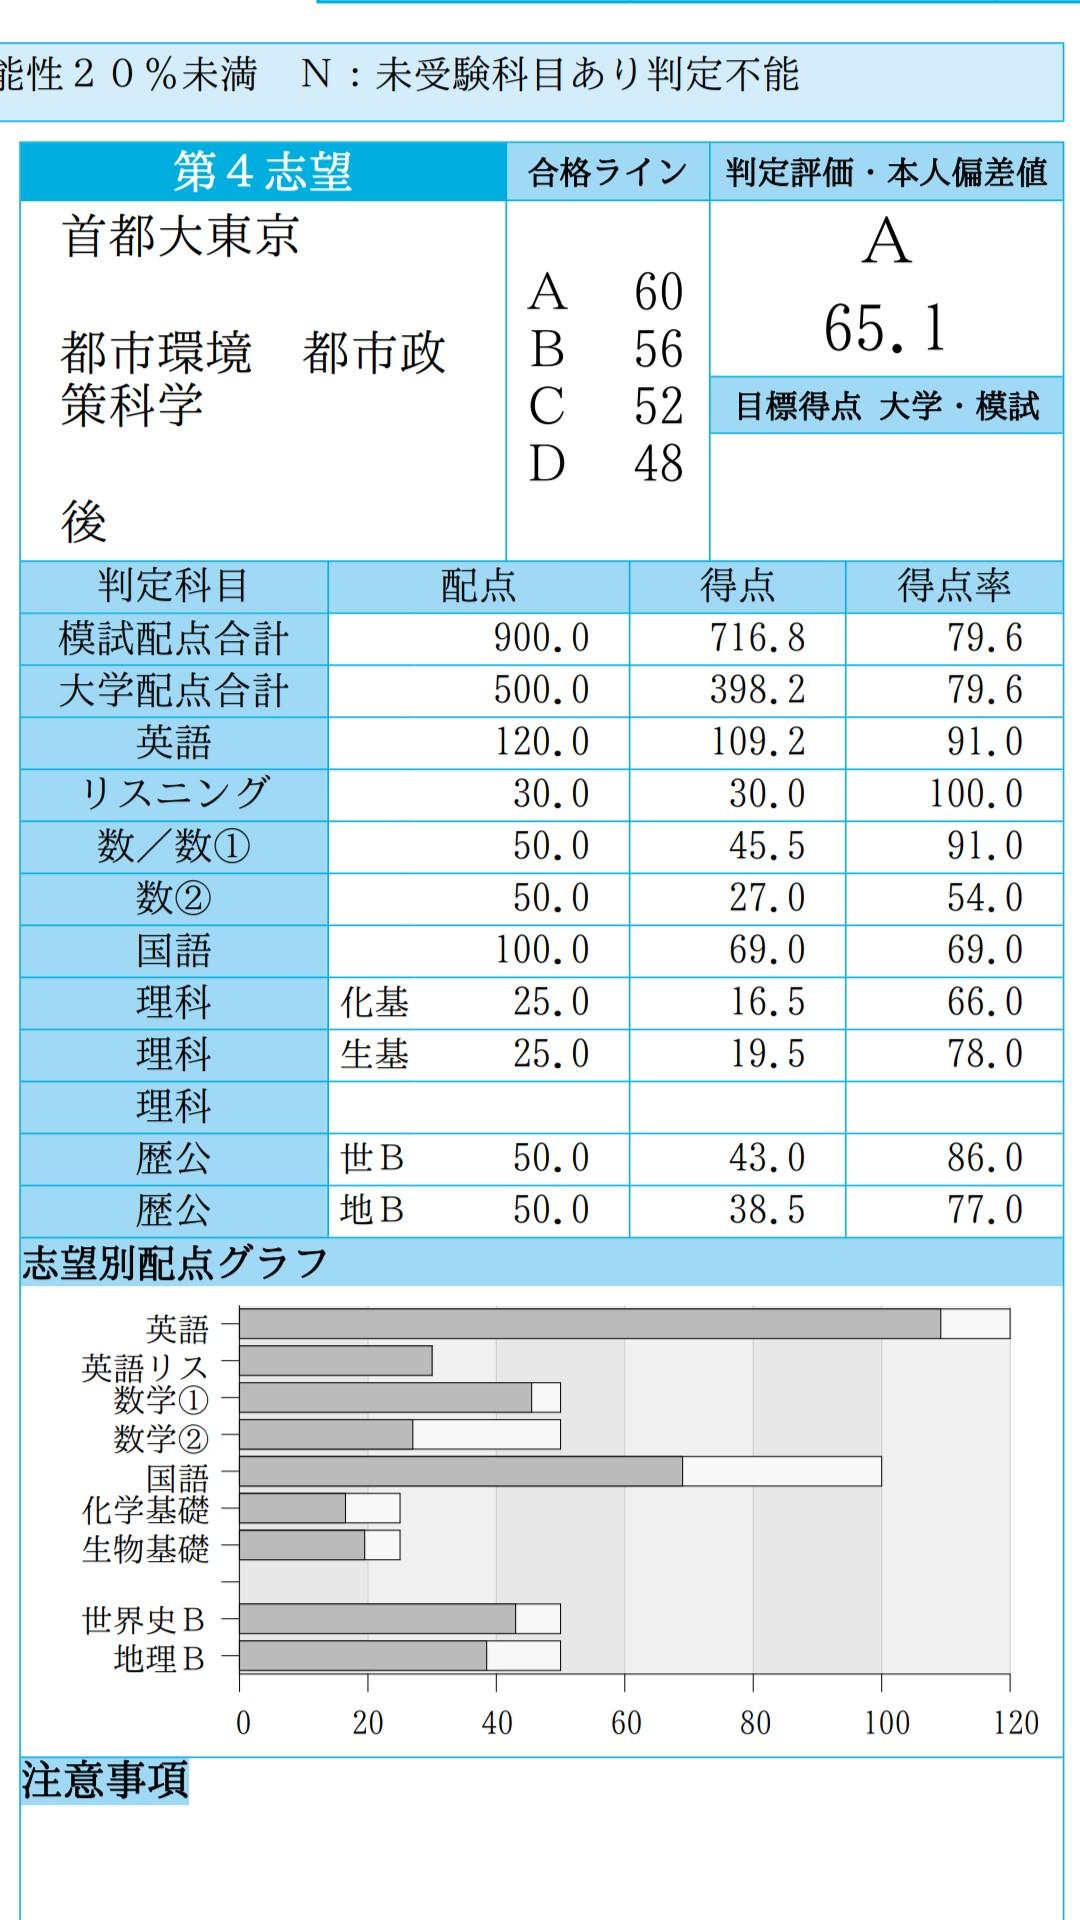 f:id:ajinnokousatu:20190102223744j:plain